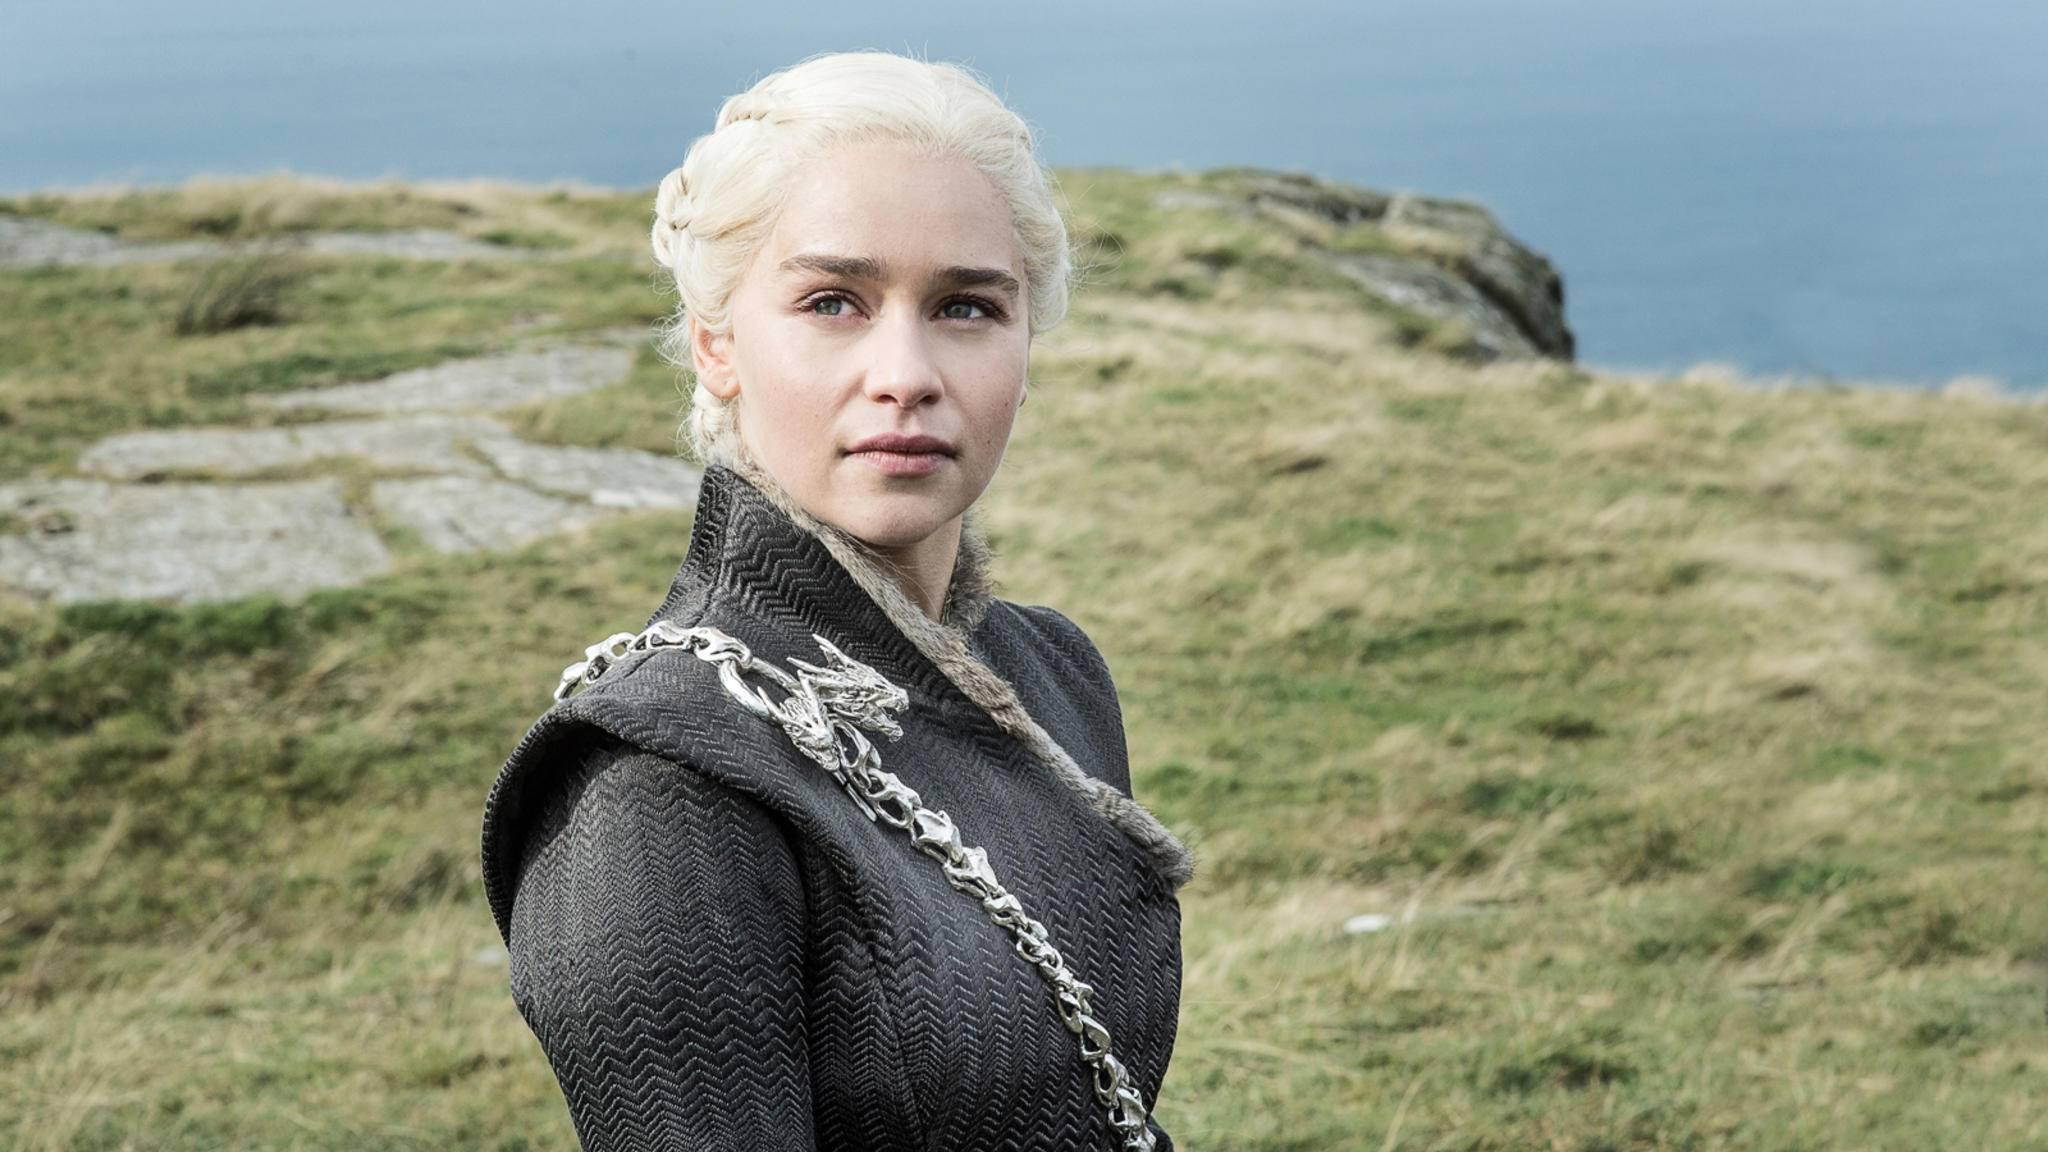 """Ja, was haben wir denn da? Können Netflix-Kunden bald auch """"Game of Thrones"""" und Co. genießen?"""